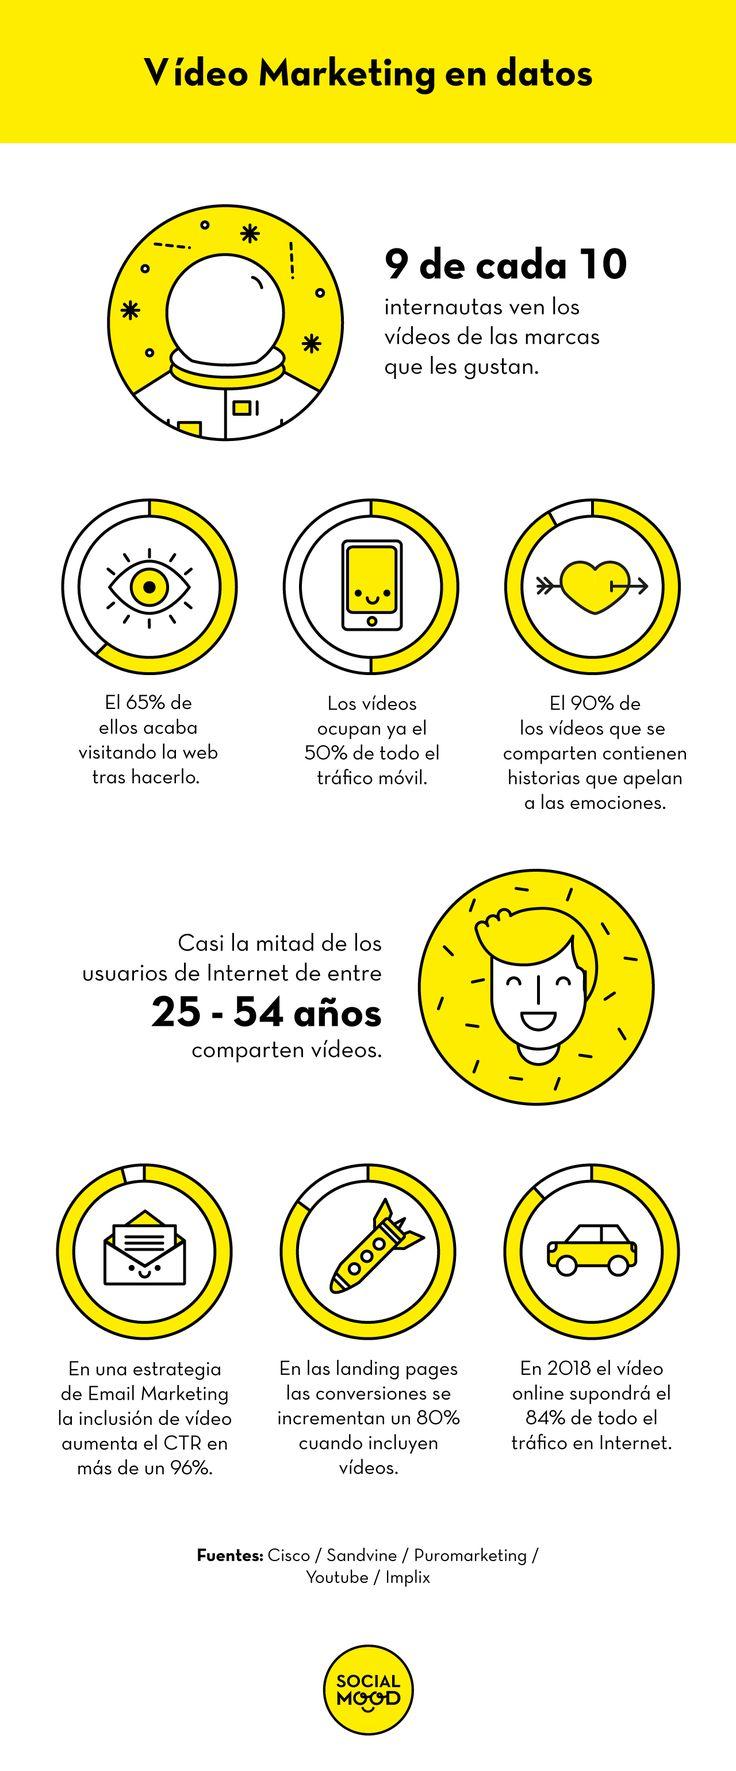 Me encanta esta infografía sobre video marketing